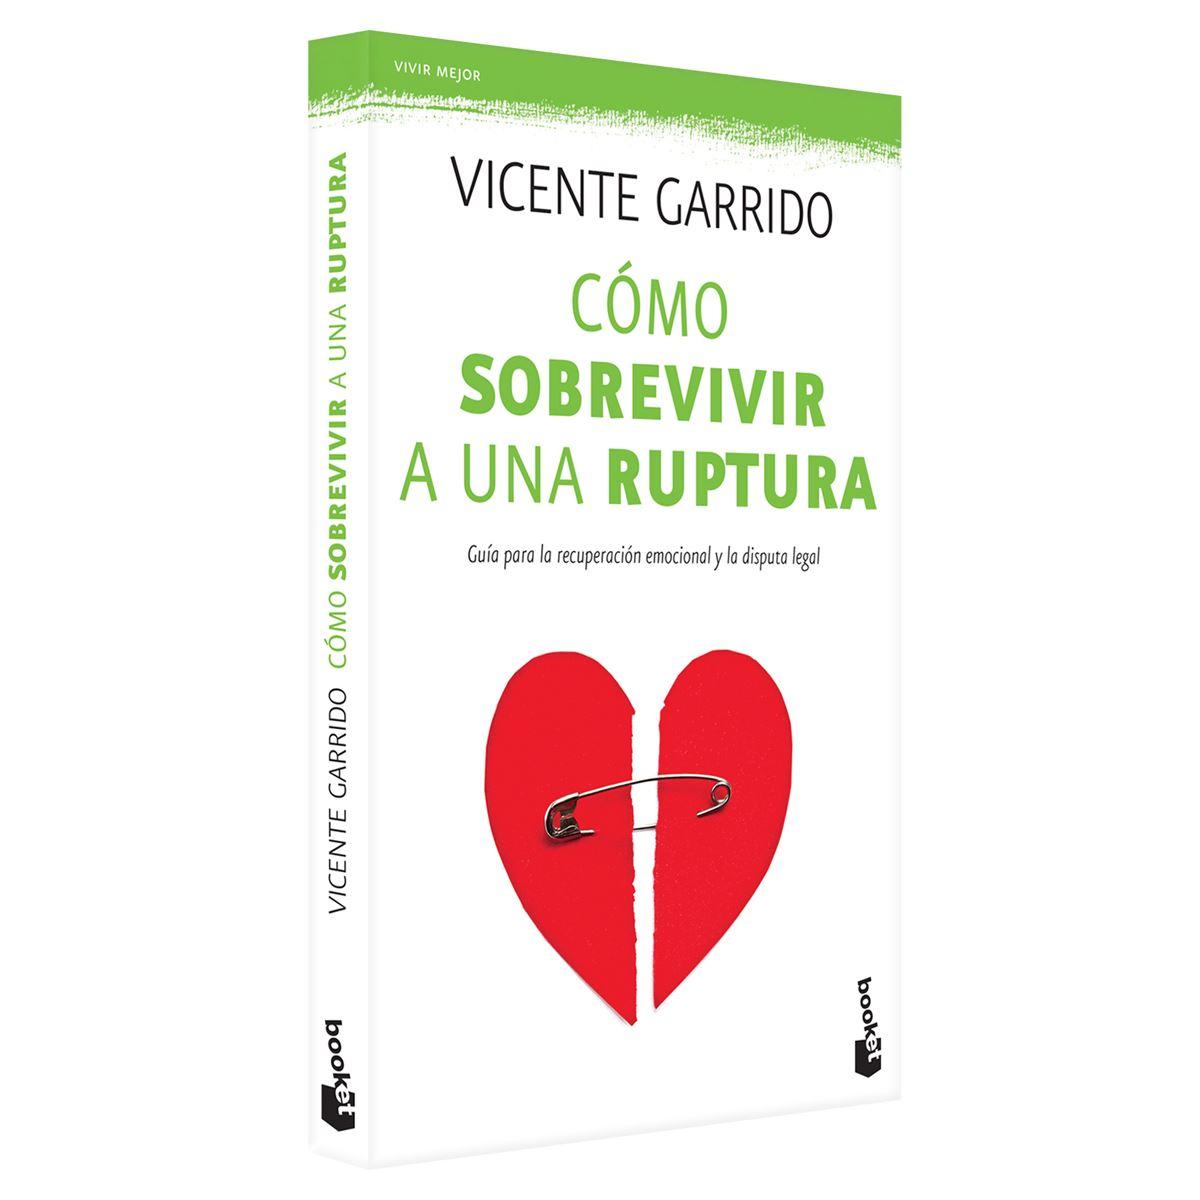 Cómo sobrevivir a una ruptura. Vicente Garrido. PDF